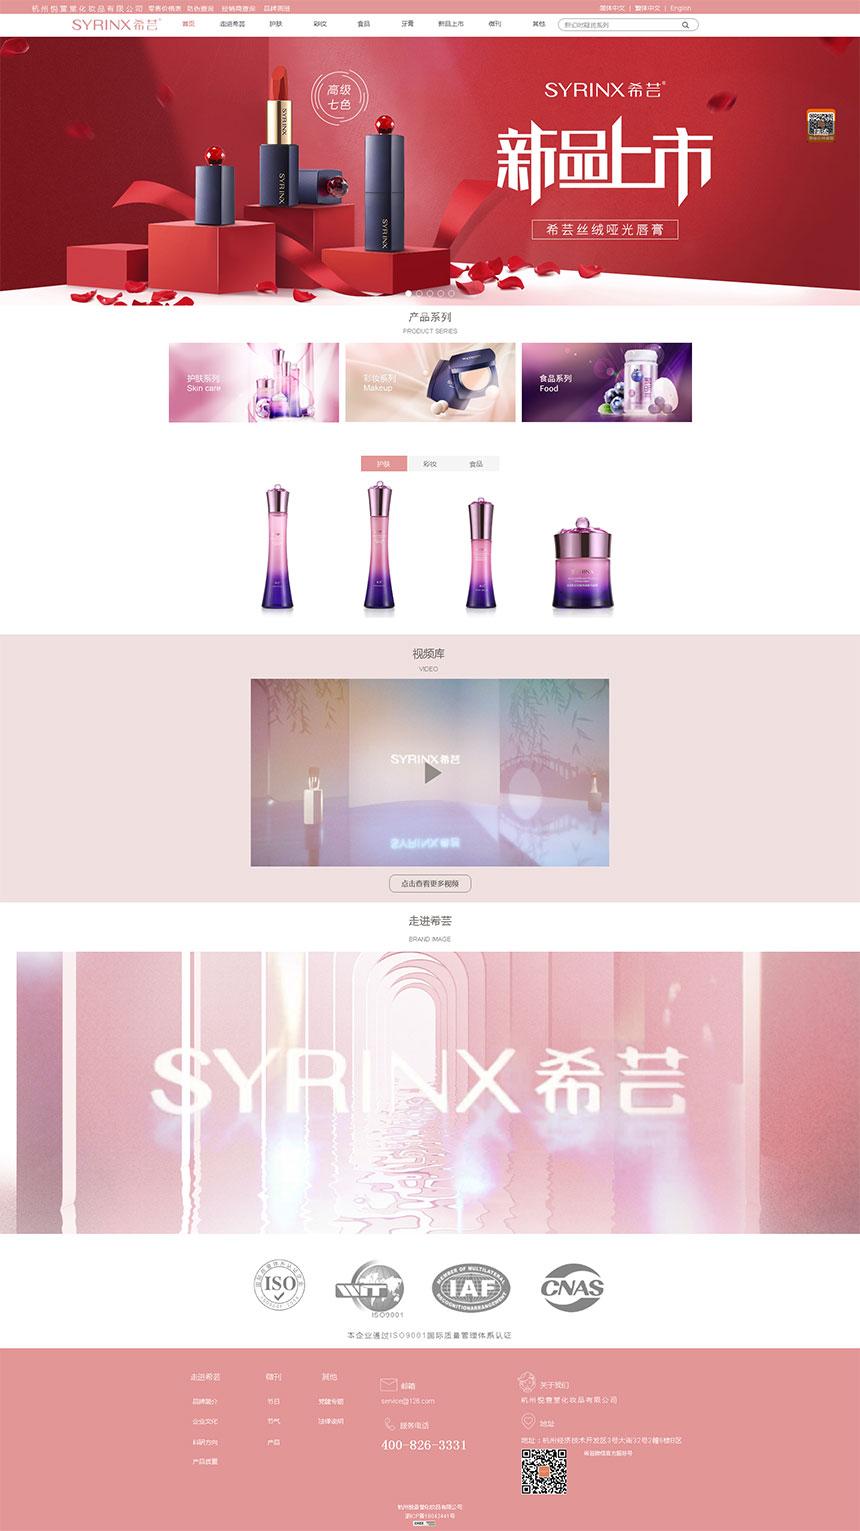 SYRINX希芸- 您身边的美丽顾问-希芸官方bobapp手机版